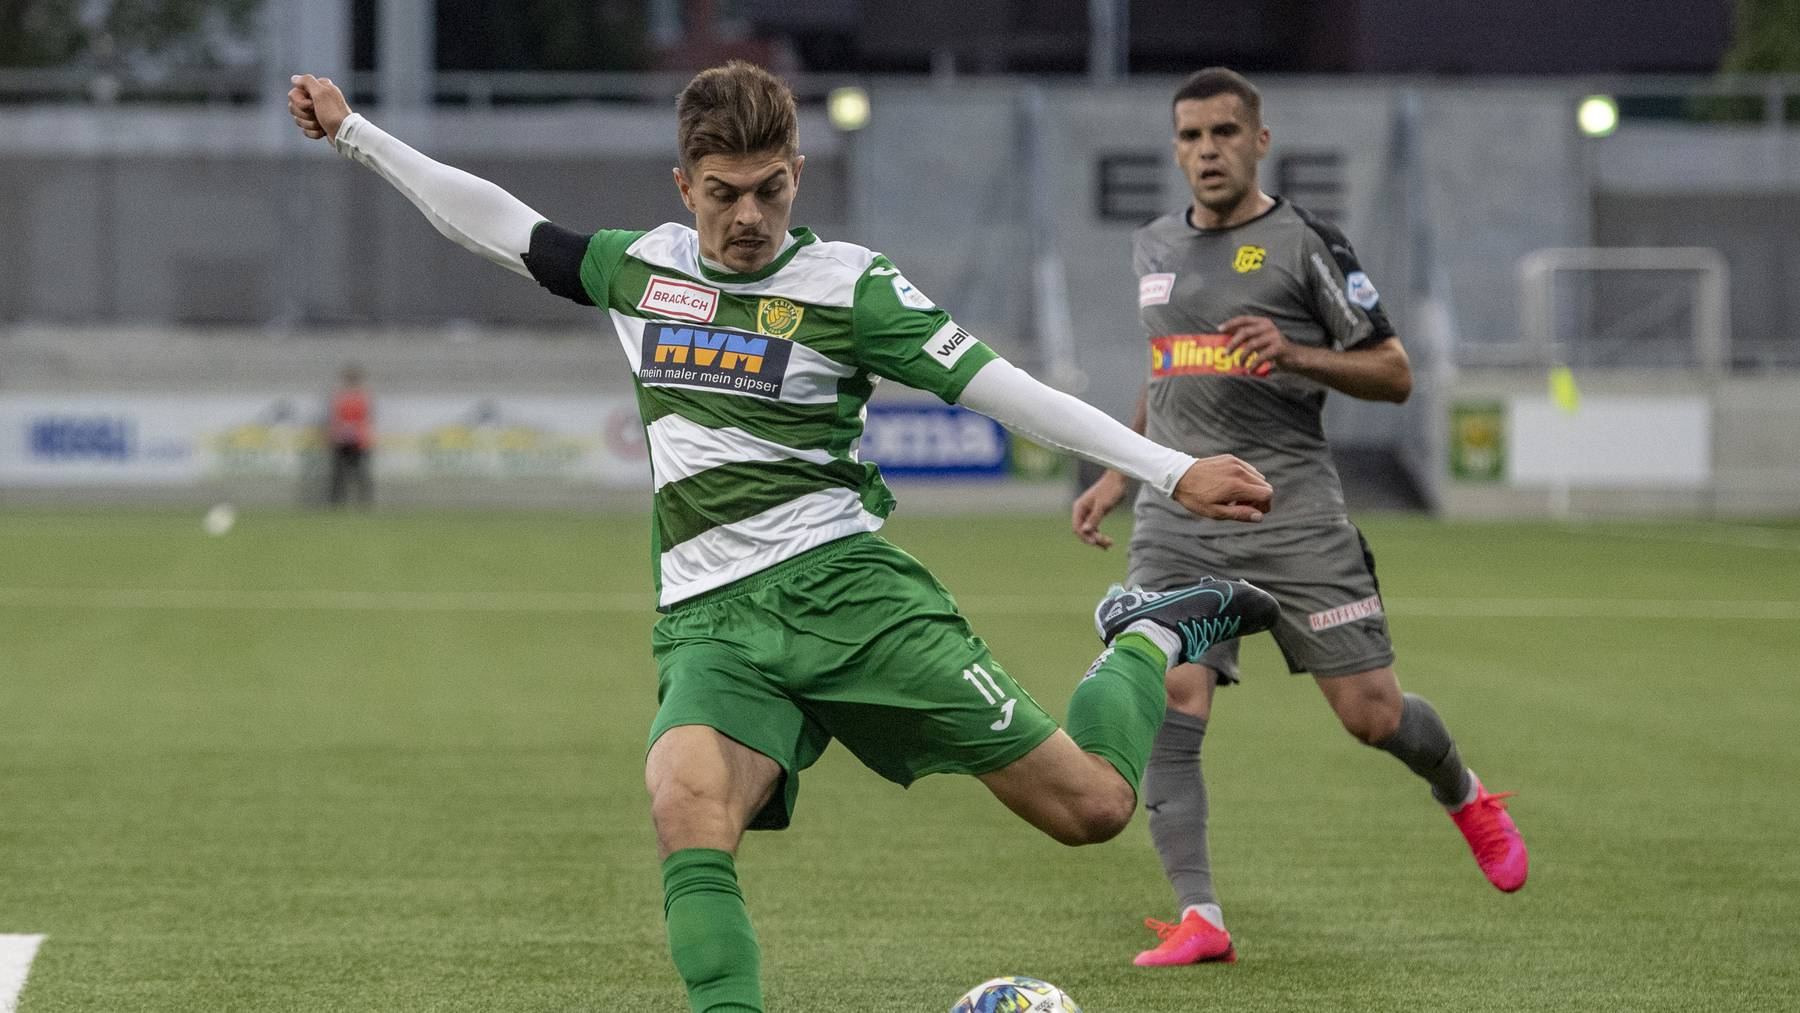 SC Kriens 3:0-Heimsieg gegen Schaffhausen 20. Juni 2020